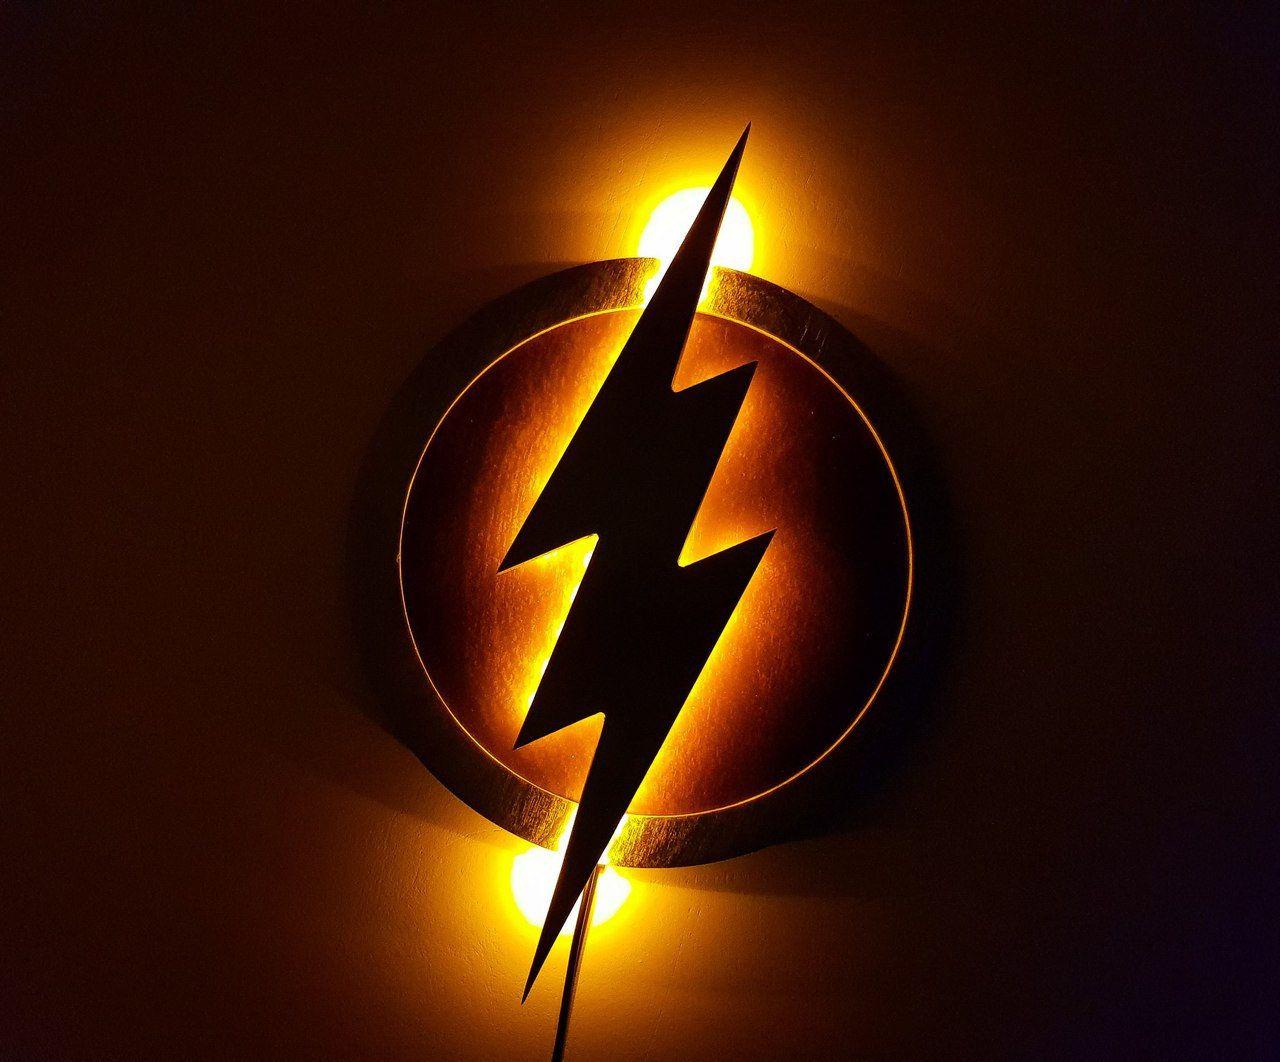 The Flash LED Illuminated Superhero Logo Night Light